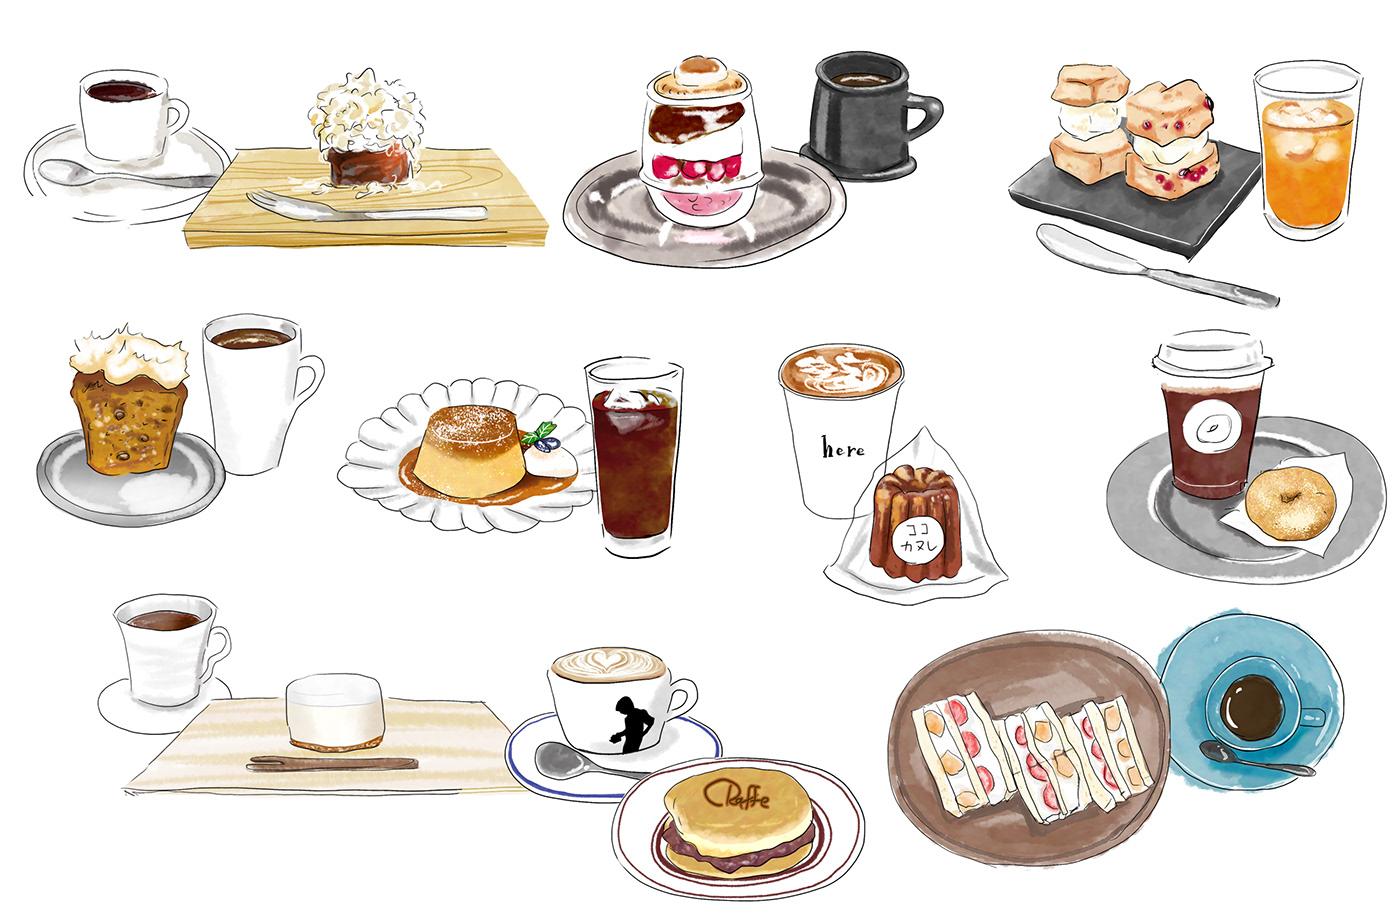 Communityfund illustratedmap ILLUSTRATION  japan kyoto photoshop YUkakamogawa